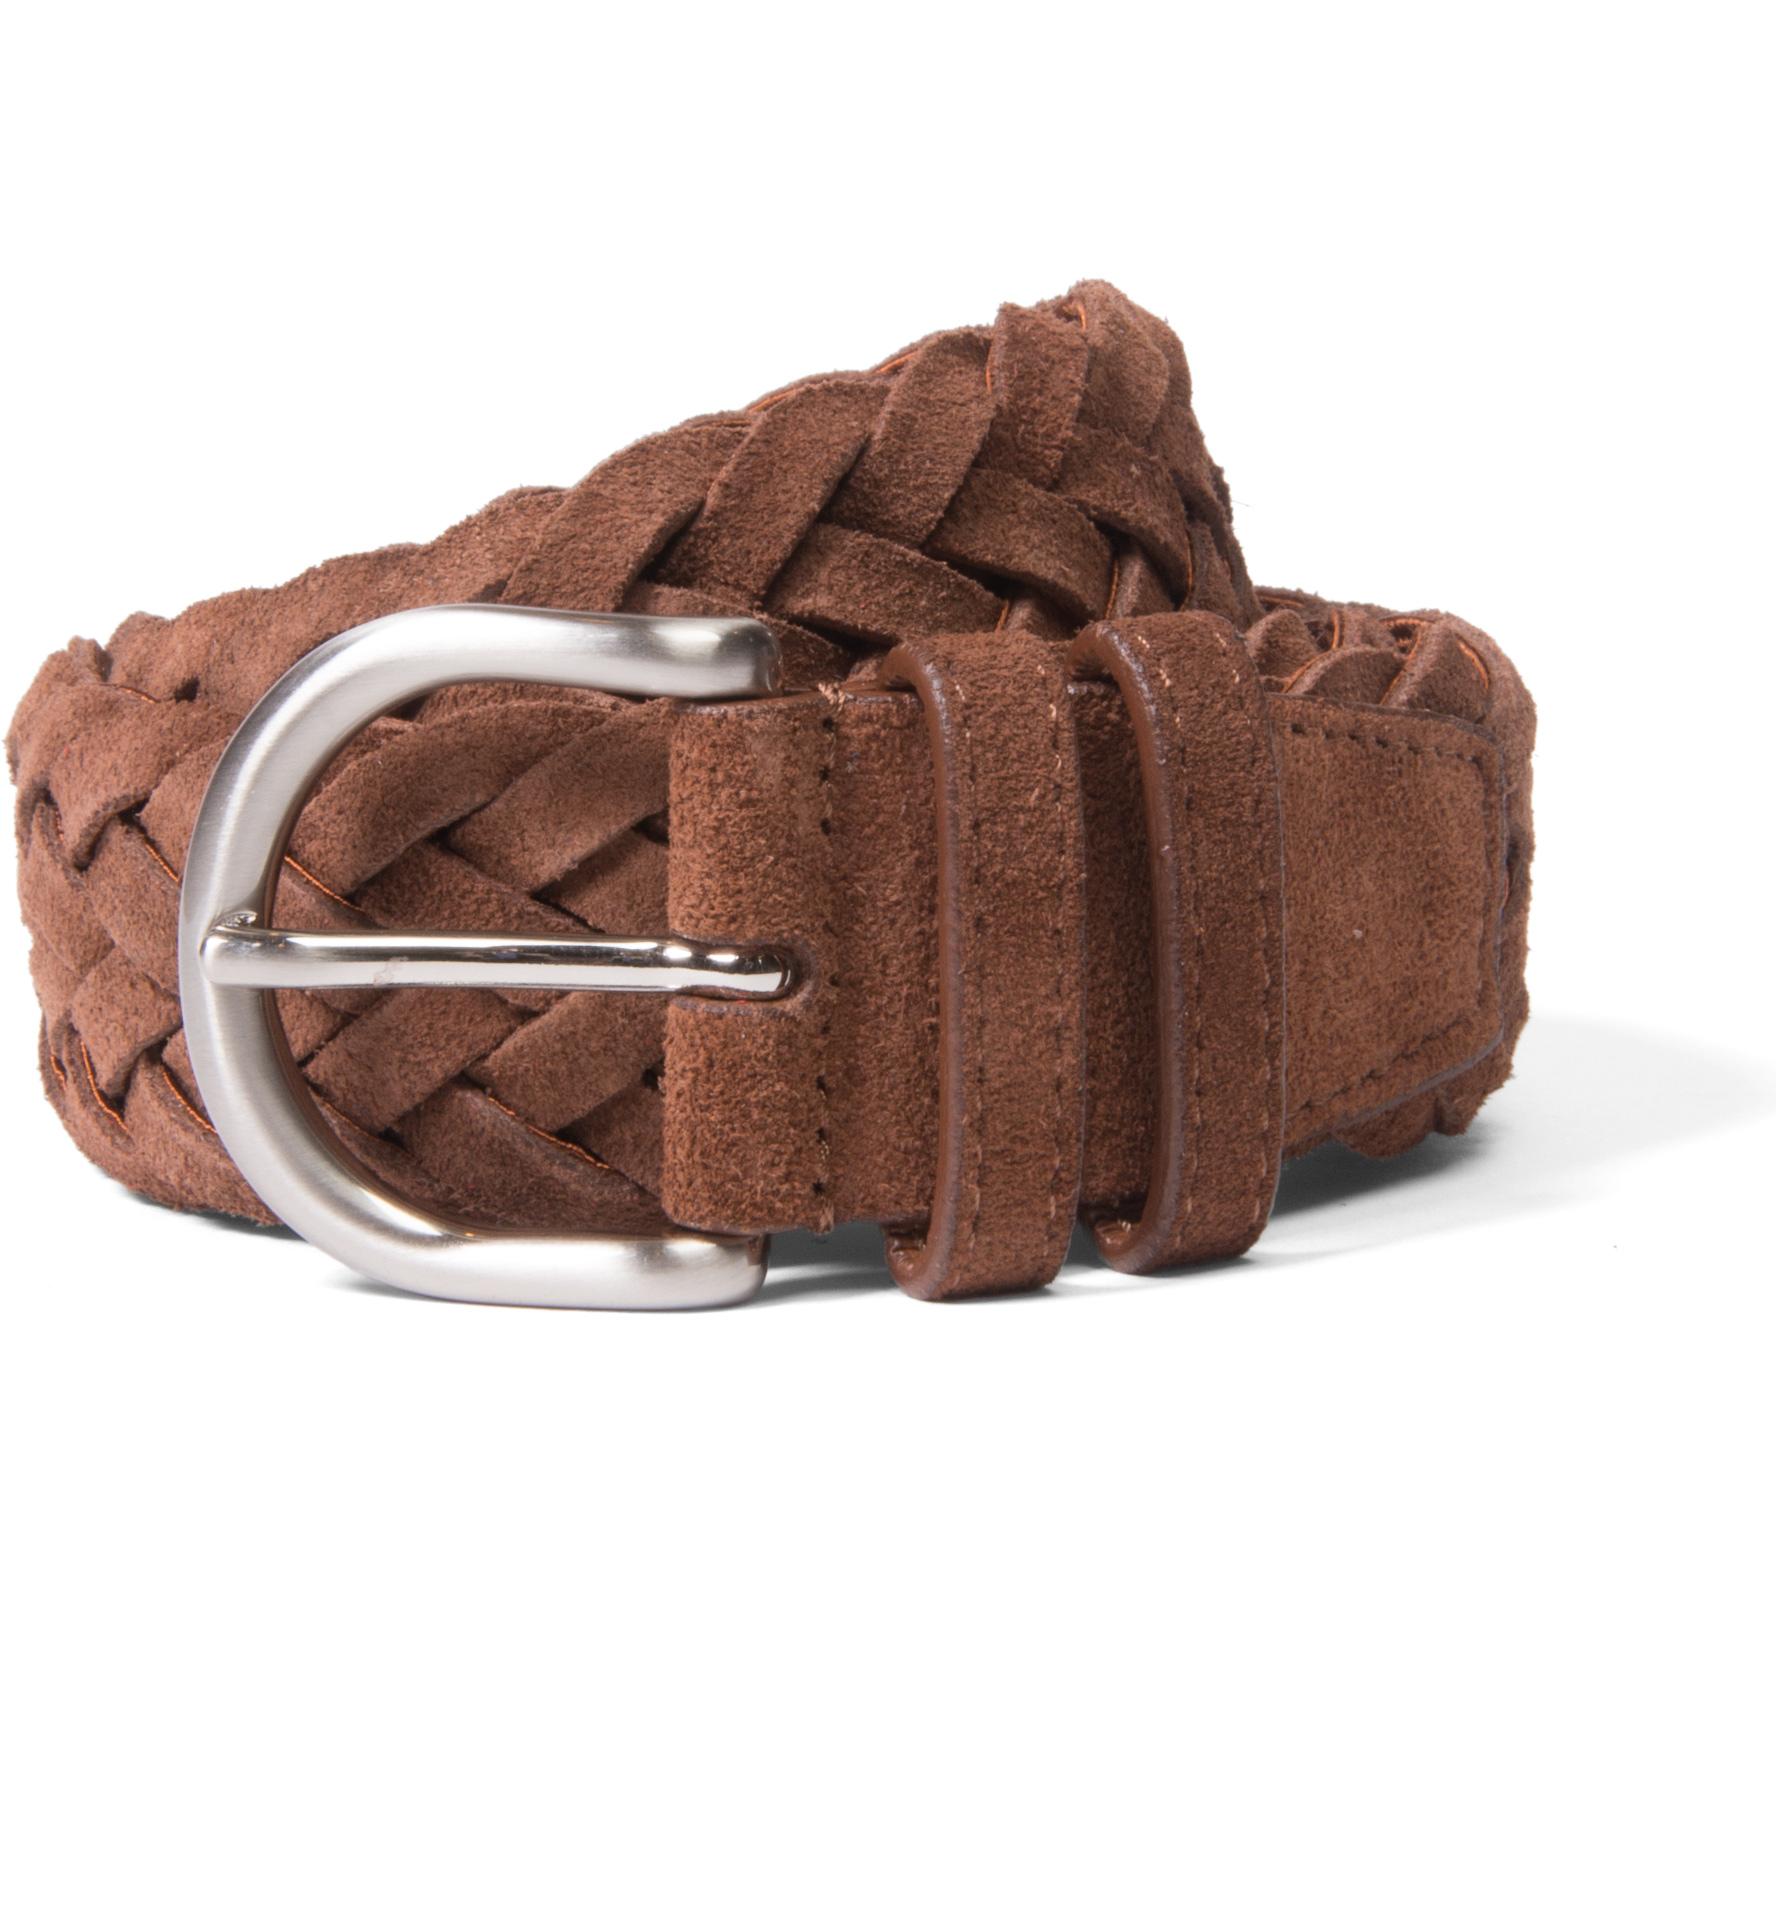 Zoom Image of Brown Suede Braided Belt